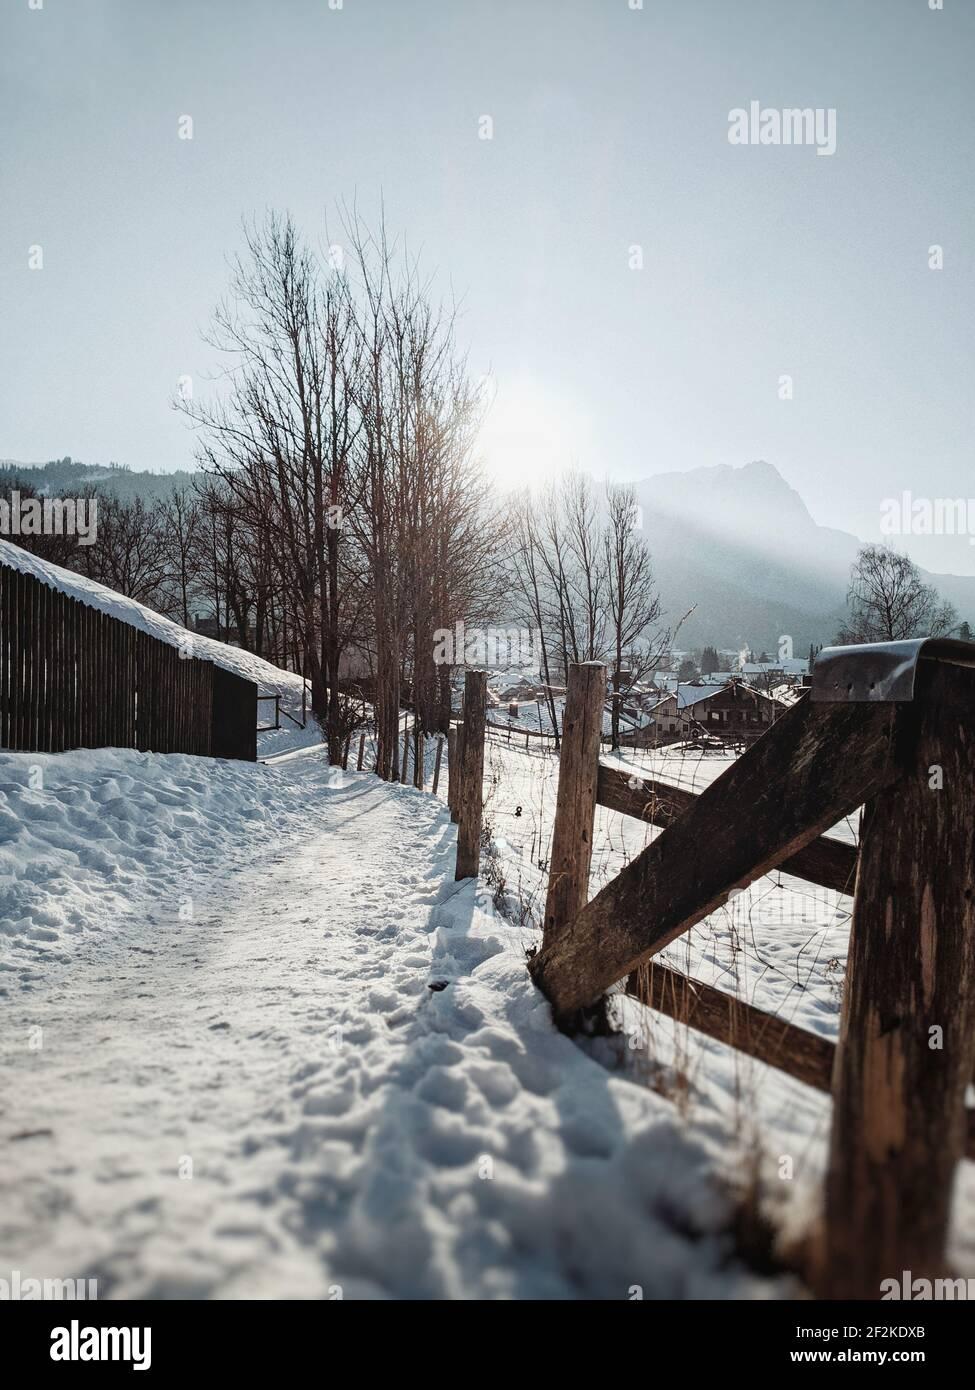 Promenade d'hiver, route de terre enneigée, Garmisch-Partenkirchen Banque D'Images